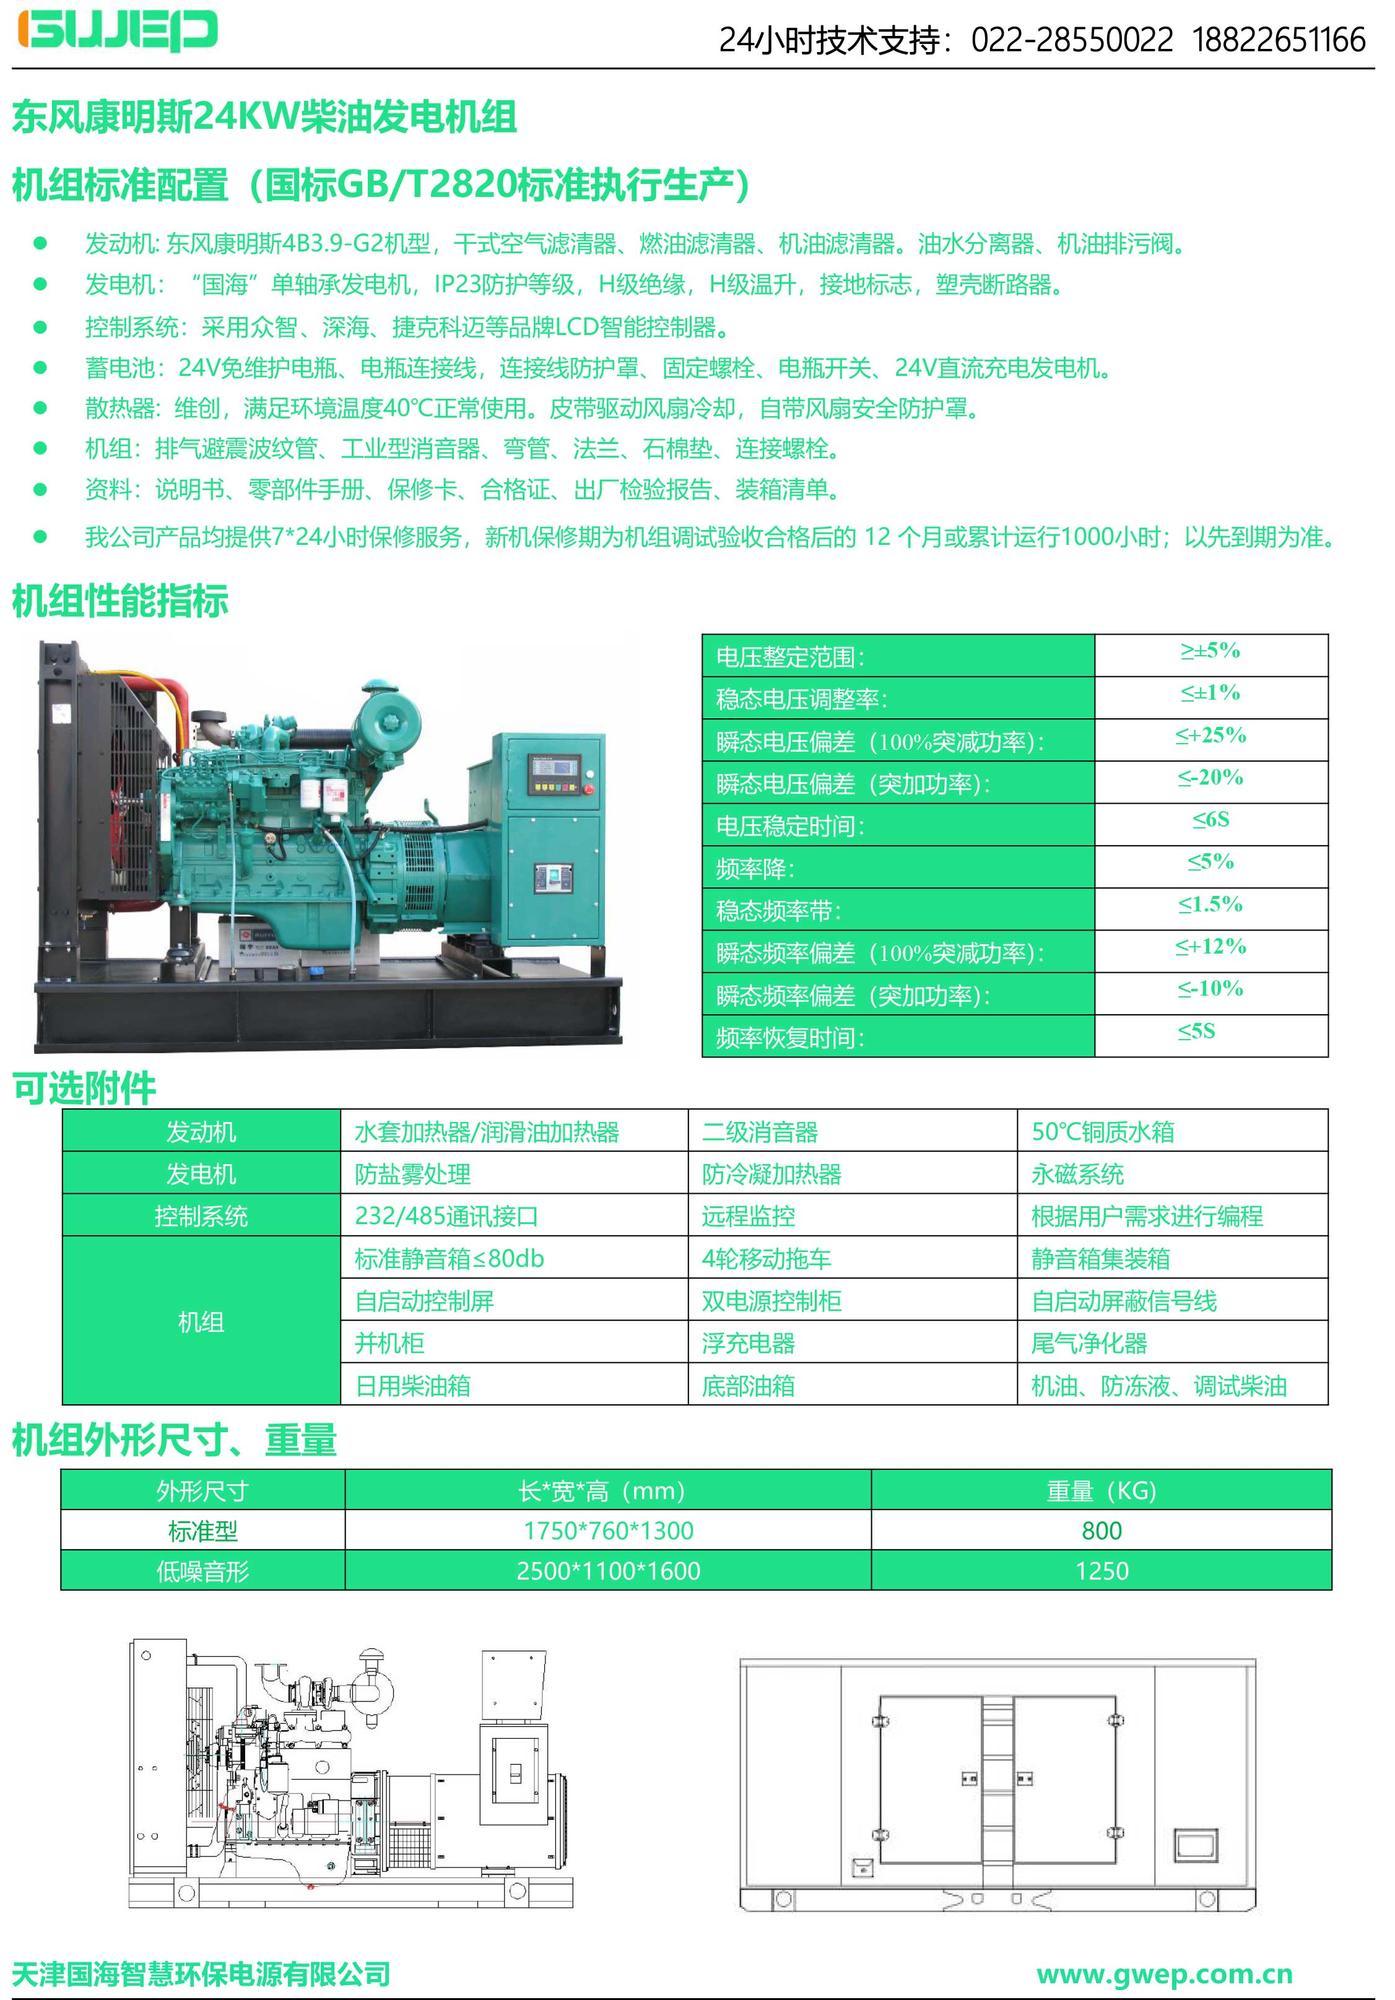 康明斯24KW发电机组技术资料-1.jpg